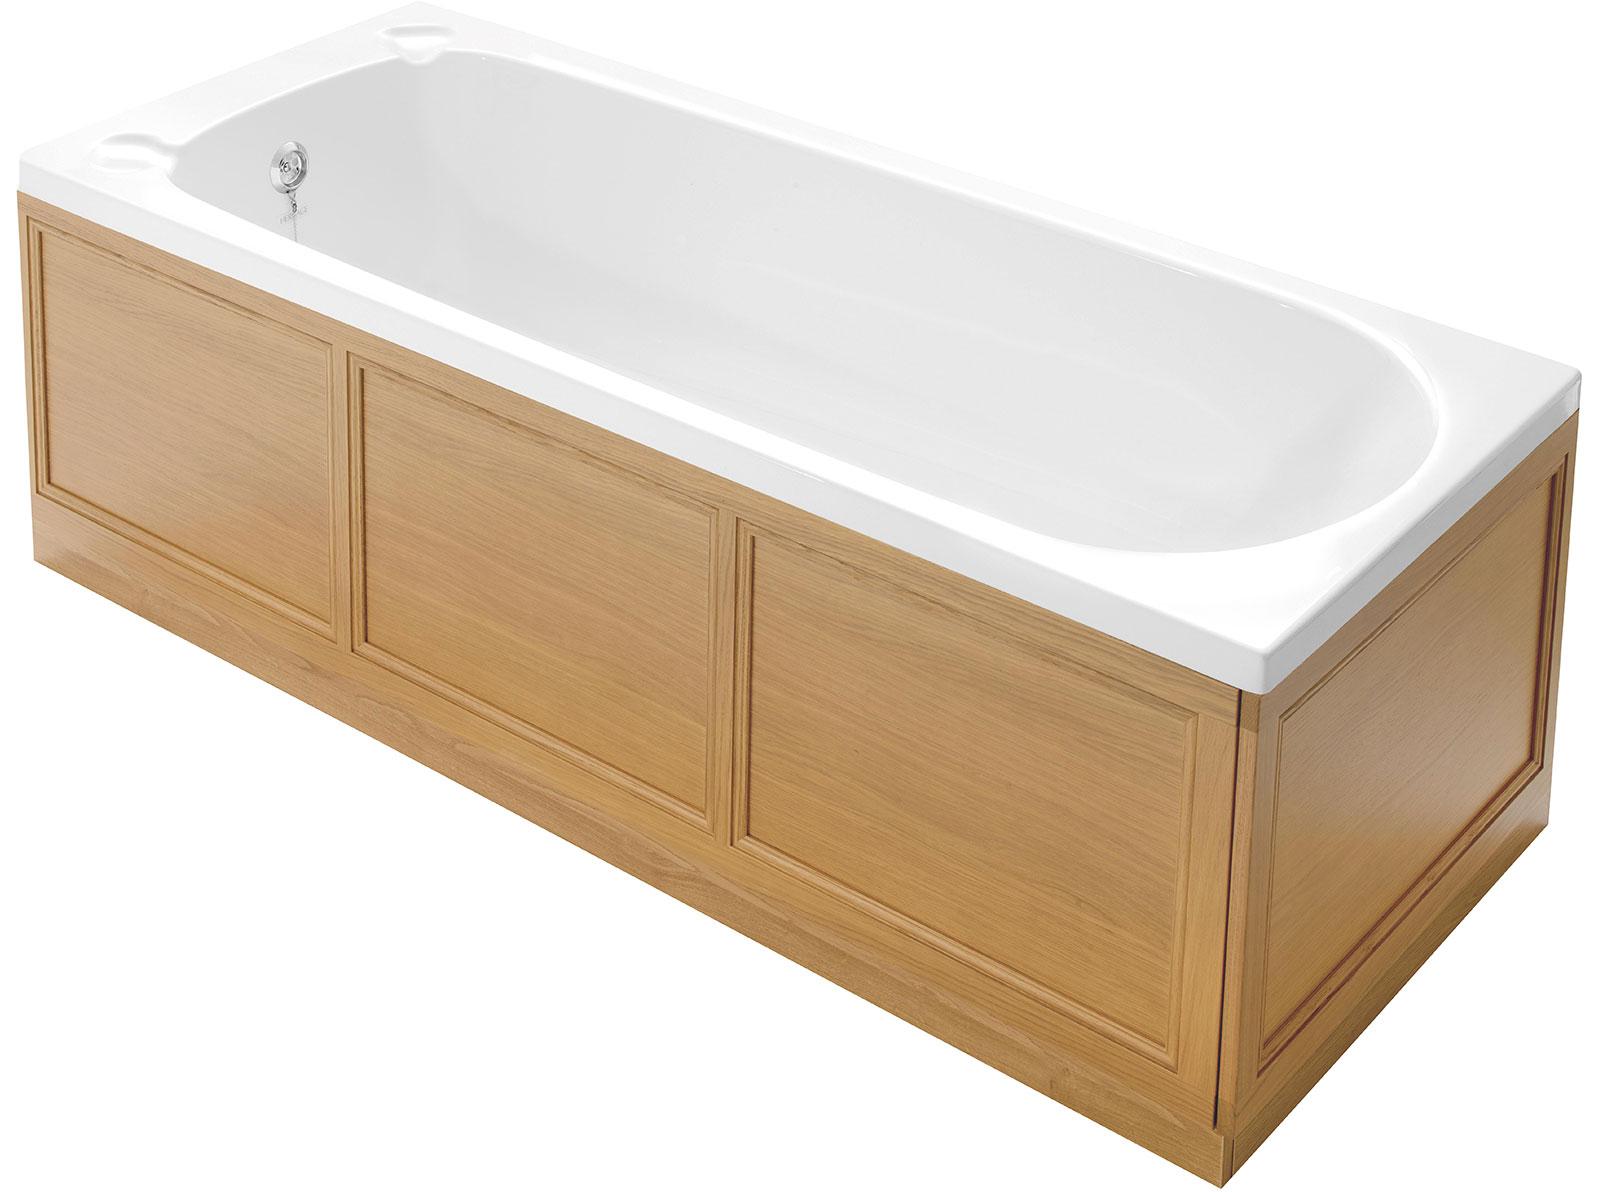 1700mm front bath panel bath panel wood heritage. Black Bedroom Furniture Sets. Home Design Ideas